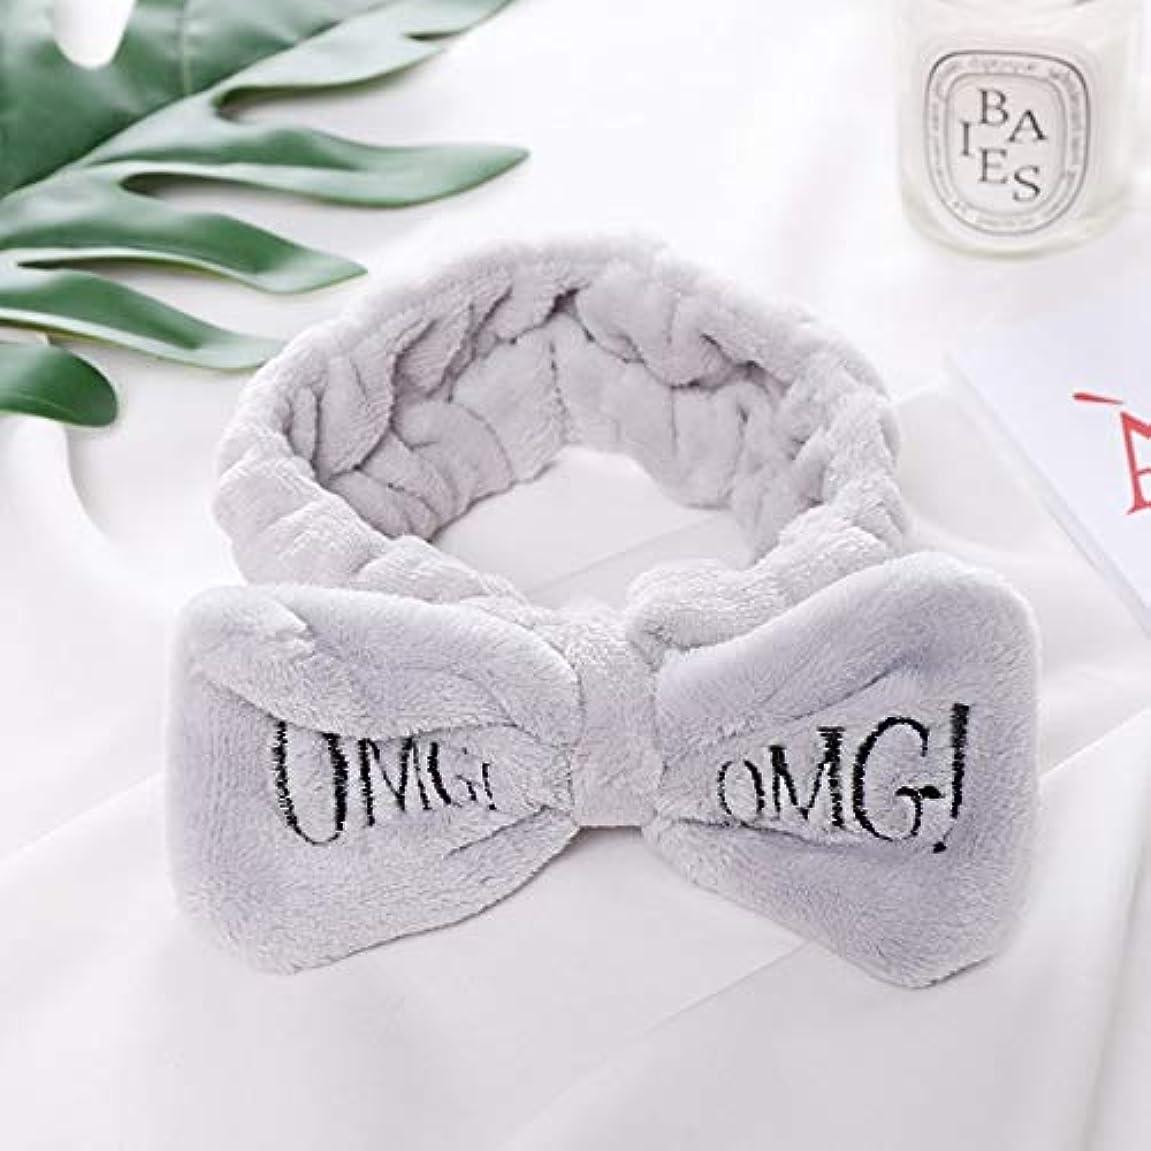 柔らかい城擬人化Hairpinheair YHM女性ニューレター「OMG」コーラルフリースソフトボウヘッドバンドかわいいヘアーホルダー帽子ヘアアクセサリー(ホワイト) (色 : Gray)